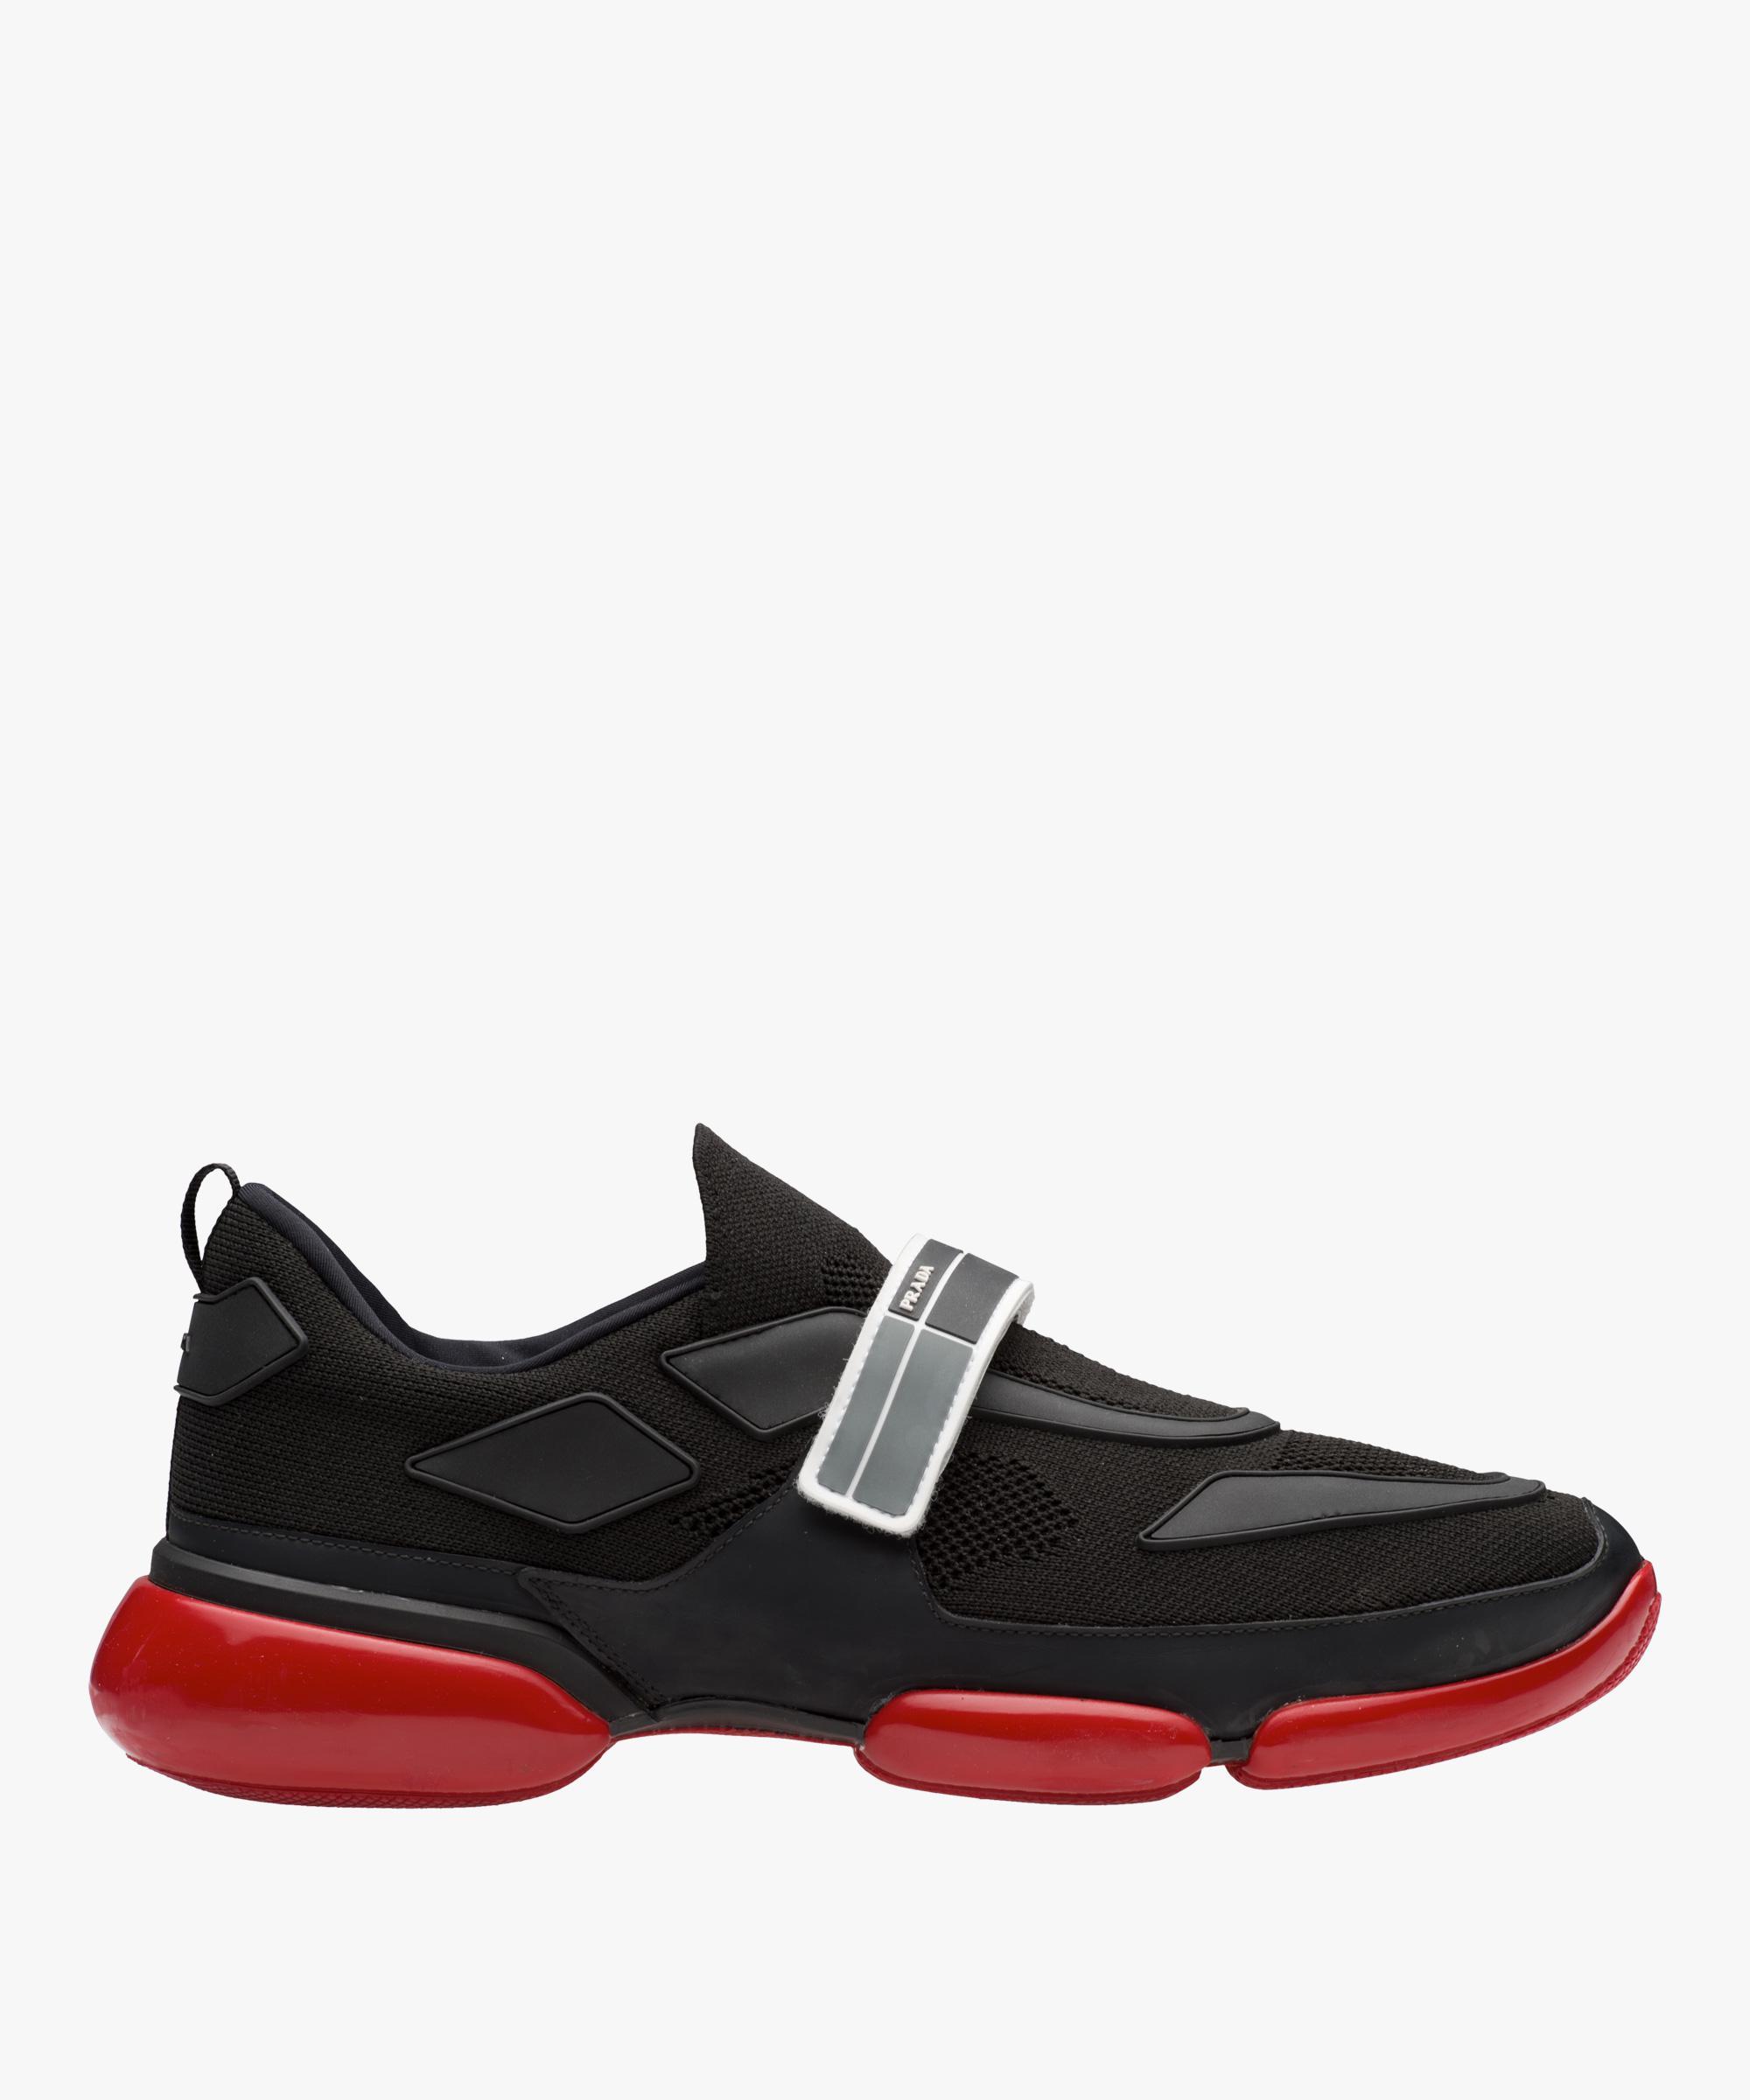 prada shoes 9-5 mack